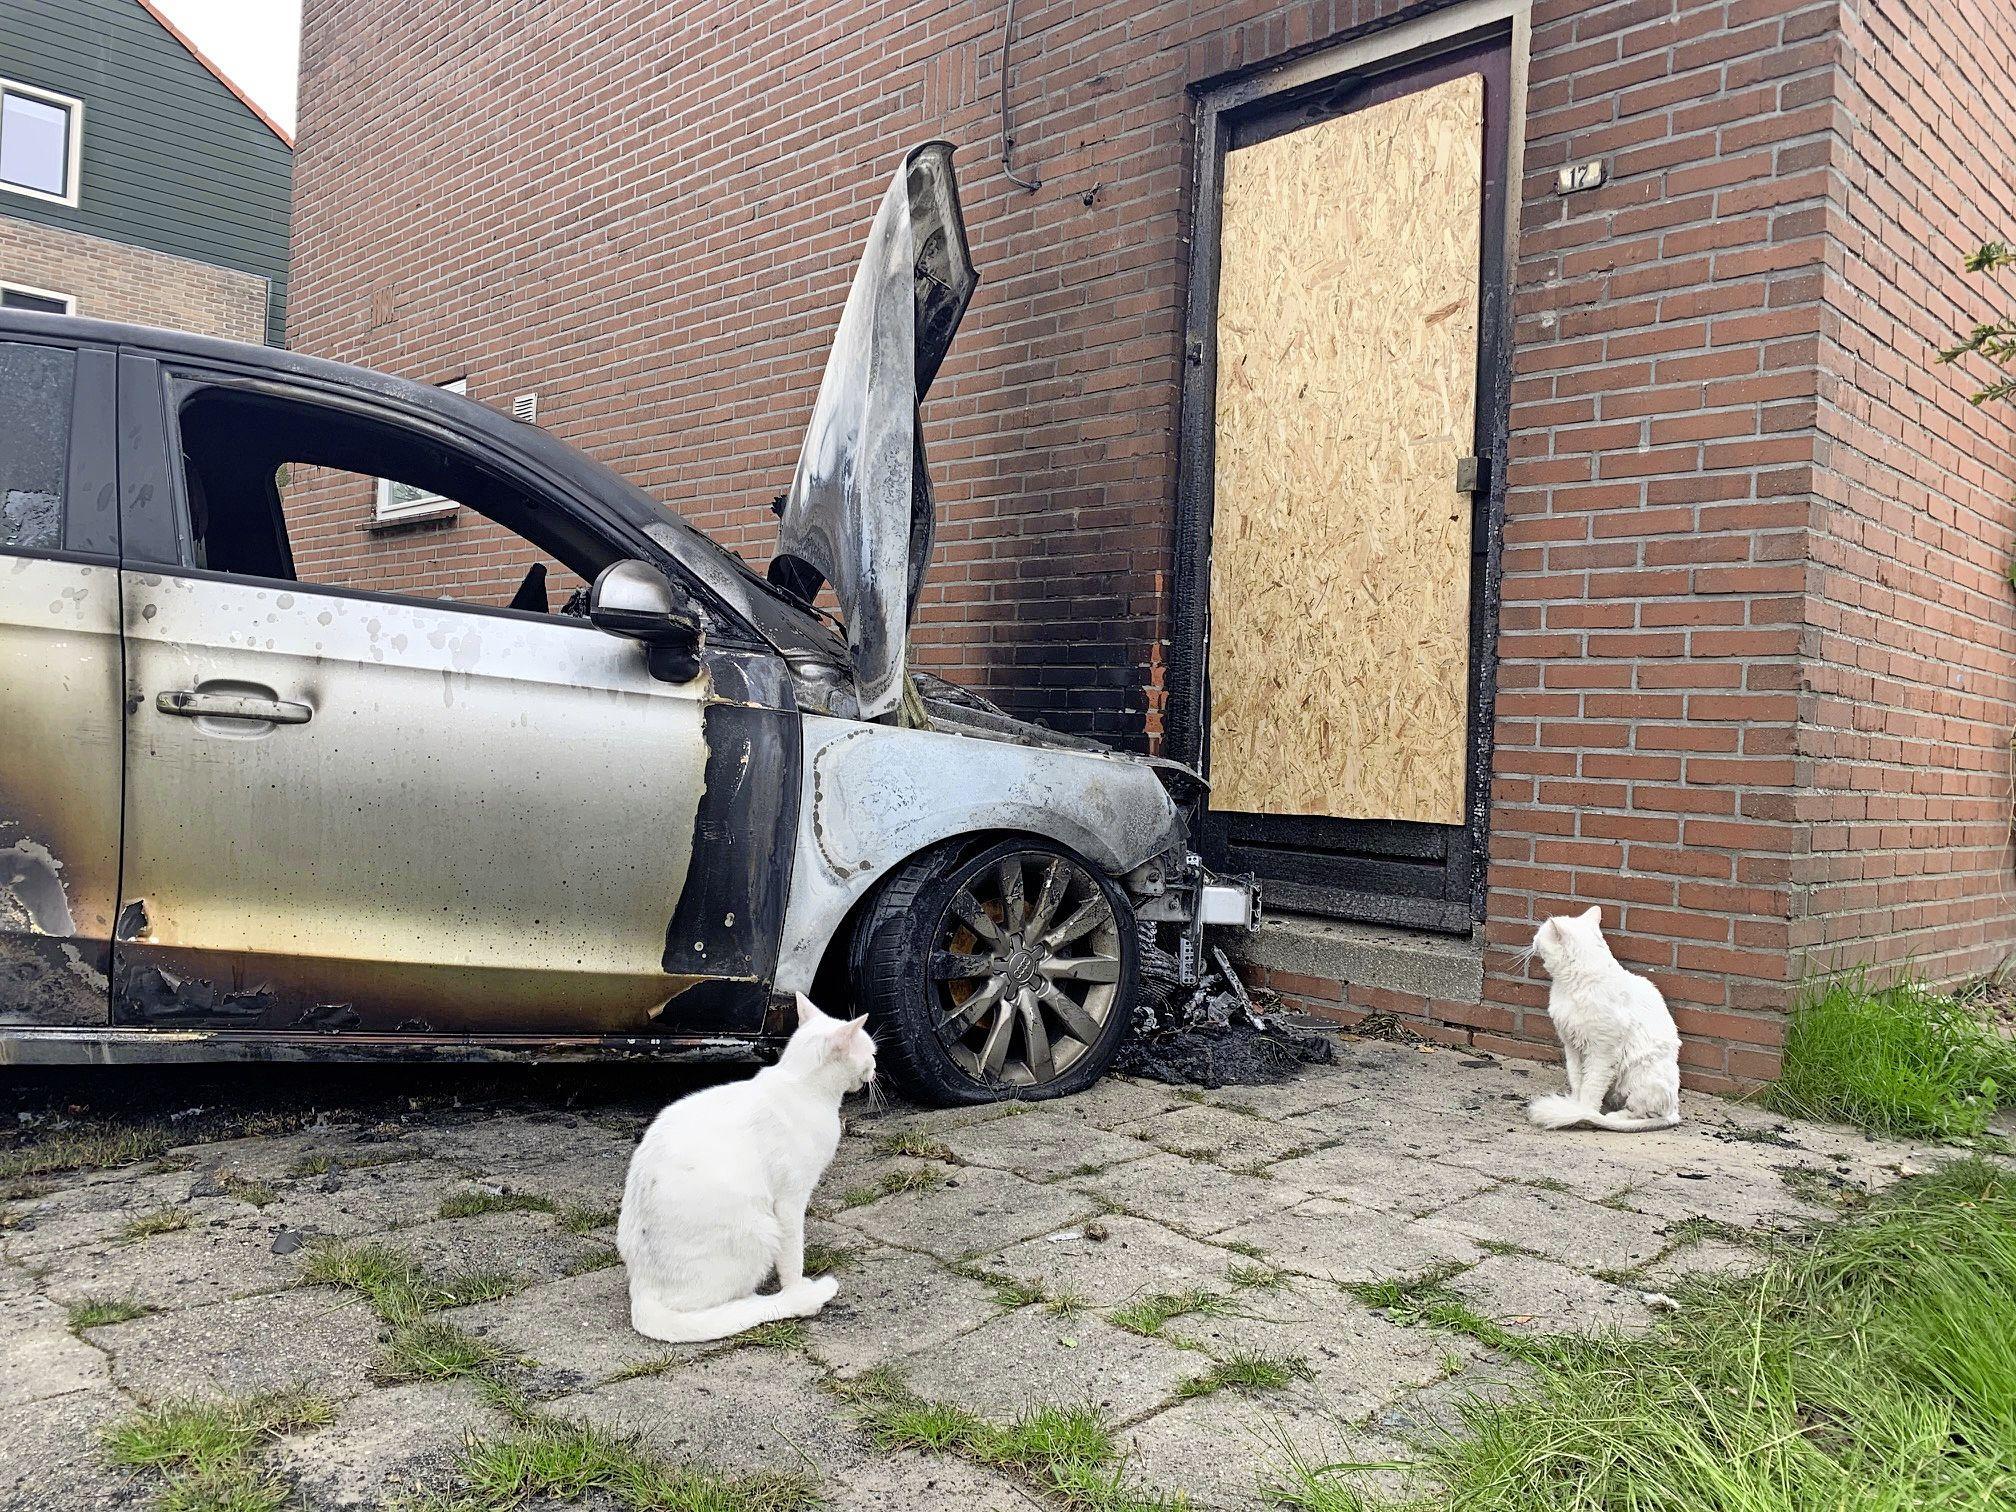 Brandstichting is een gerichte actie tegen een alleenstaande moeder, zeggen de buren. 'De dader keek nog even of de auto daadwerkelijk vlam vatte'